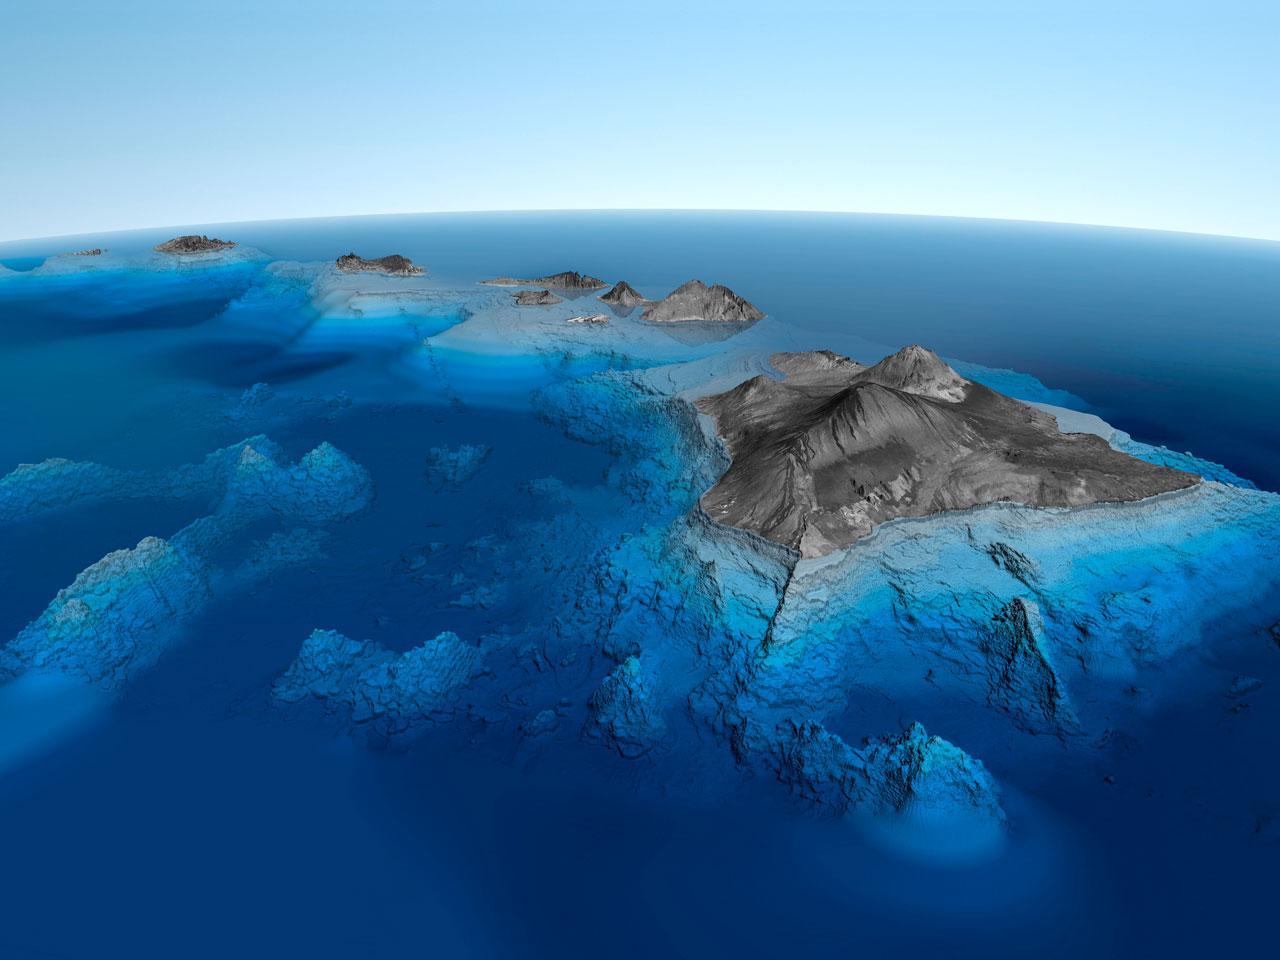 hawaiian island hd wallpapers hawaiian island pictures hawaiian island 1280x960